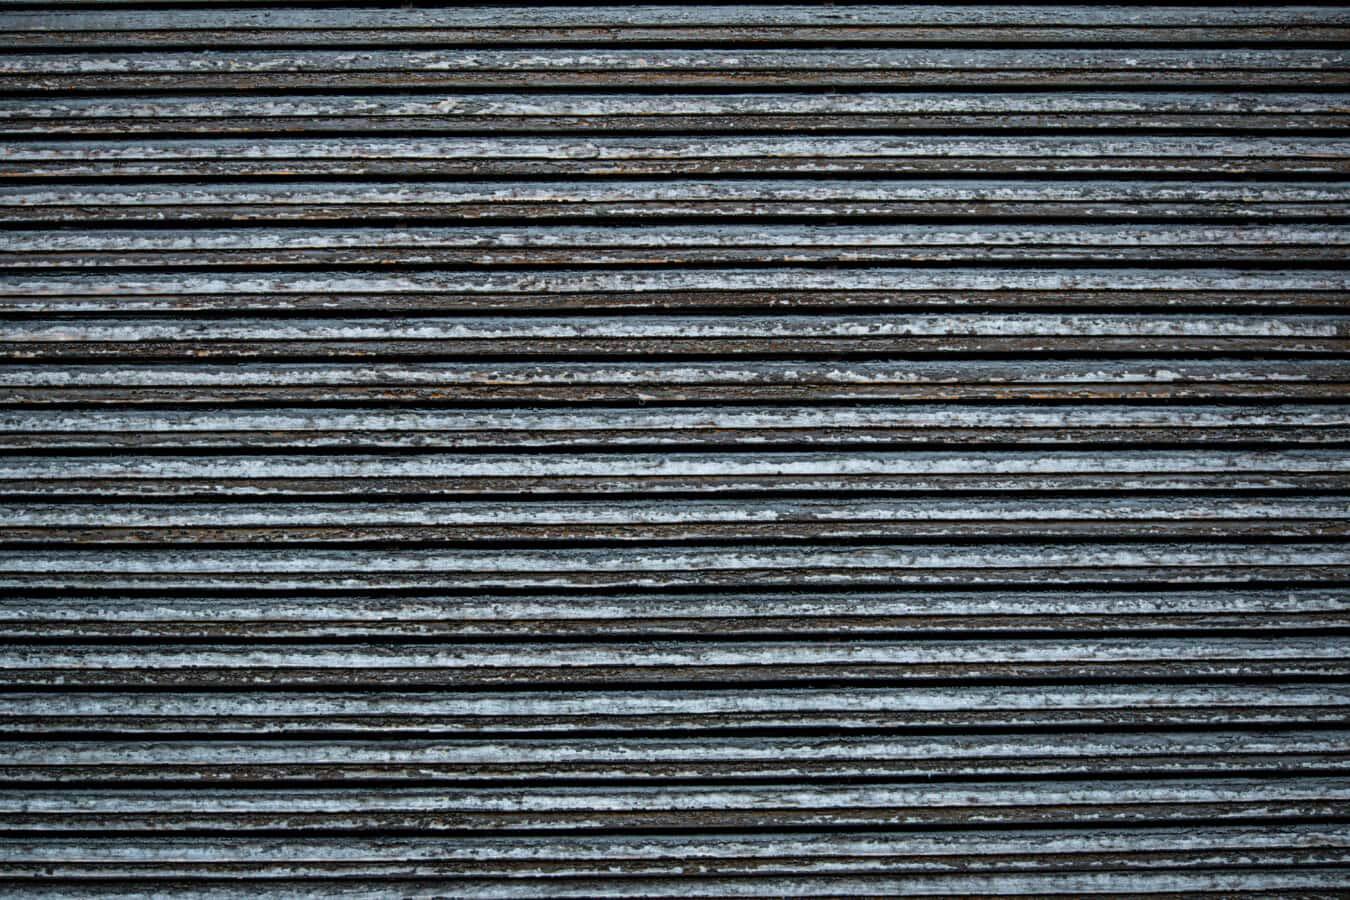 horizontal, Stripes, texture, en bois, planches, carie, Groupe d'experts, matériel, surface, conception